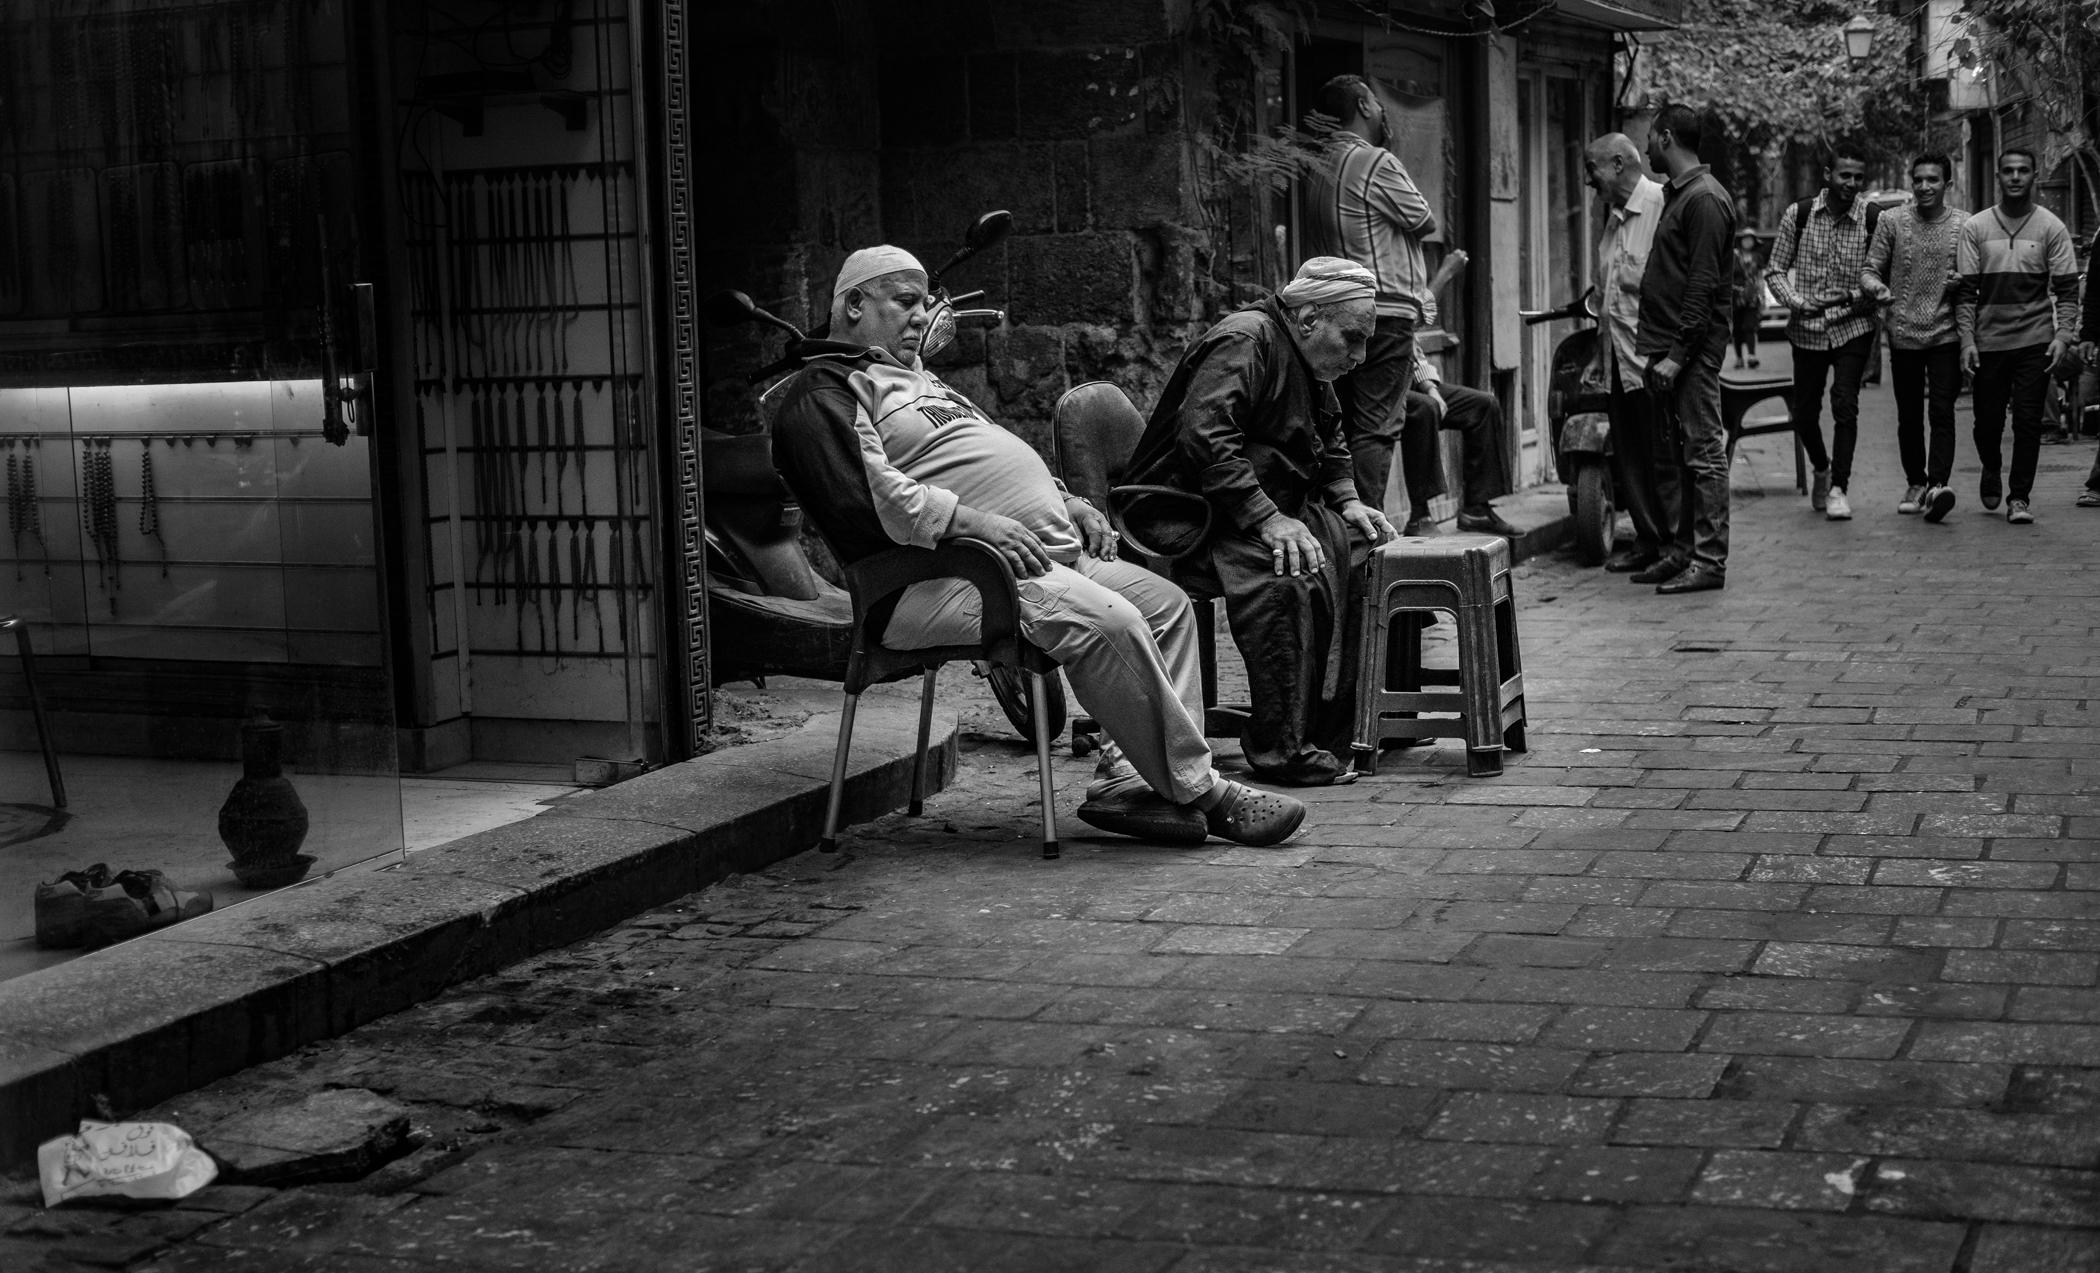 Cairo 2017 (8 of 10).jpg